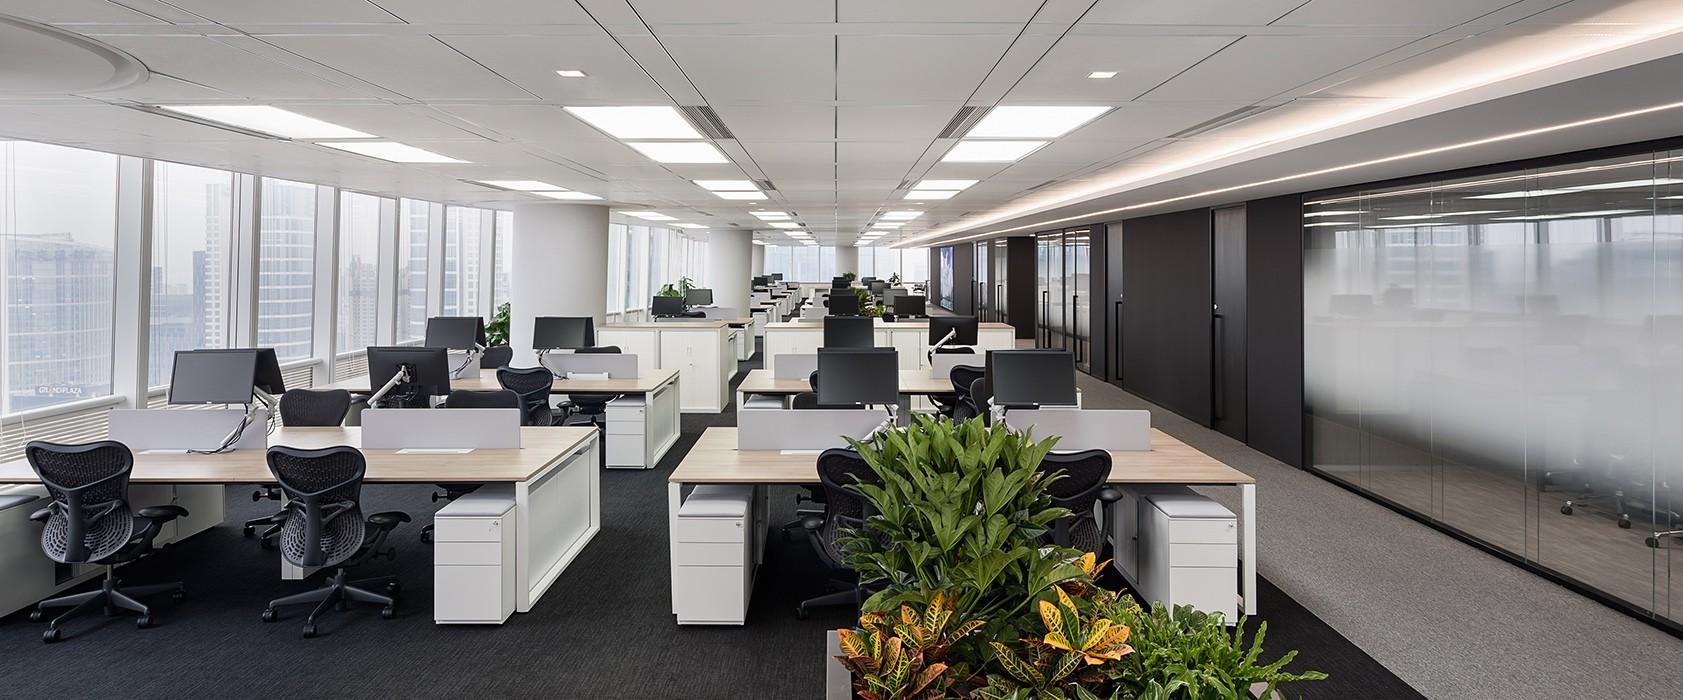 梅赛德斯-奔驰办公室装修